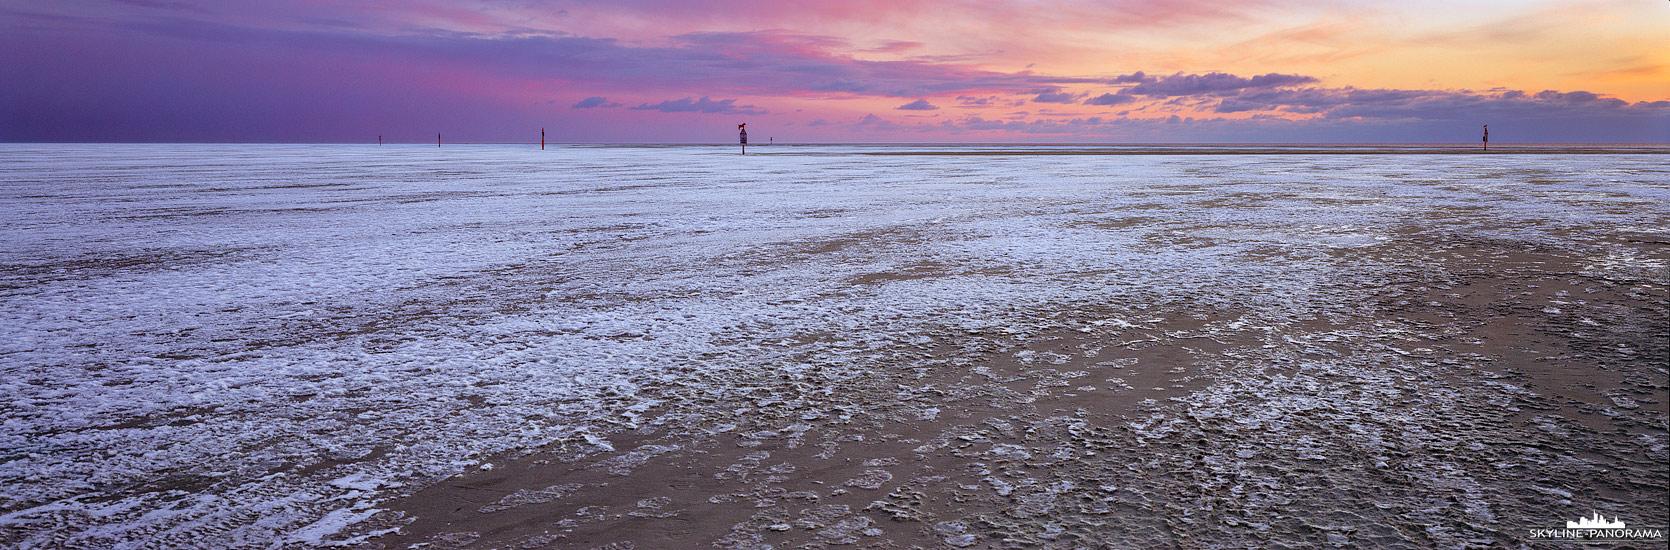 Panorama Nordseeküste - Der bis zum Horizont vereiste Strand von Sankt Peter-Ording zum Sonnenuntergang im Winter 2021.